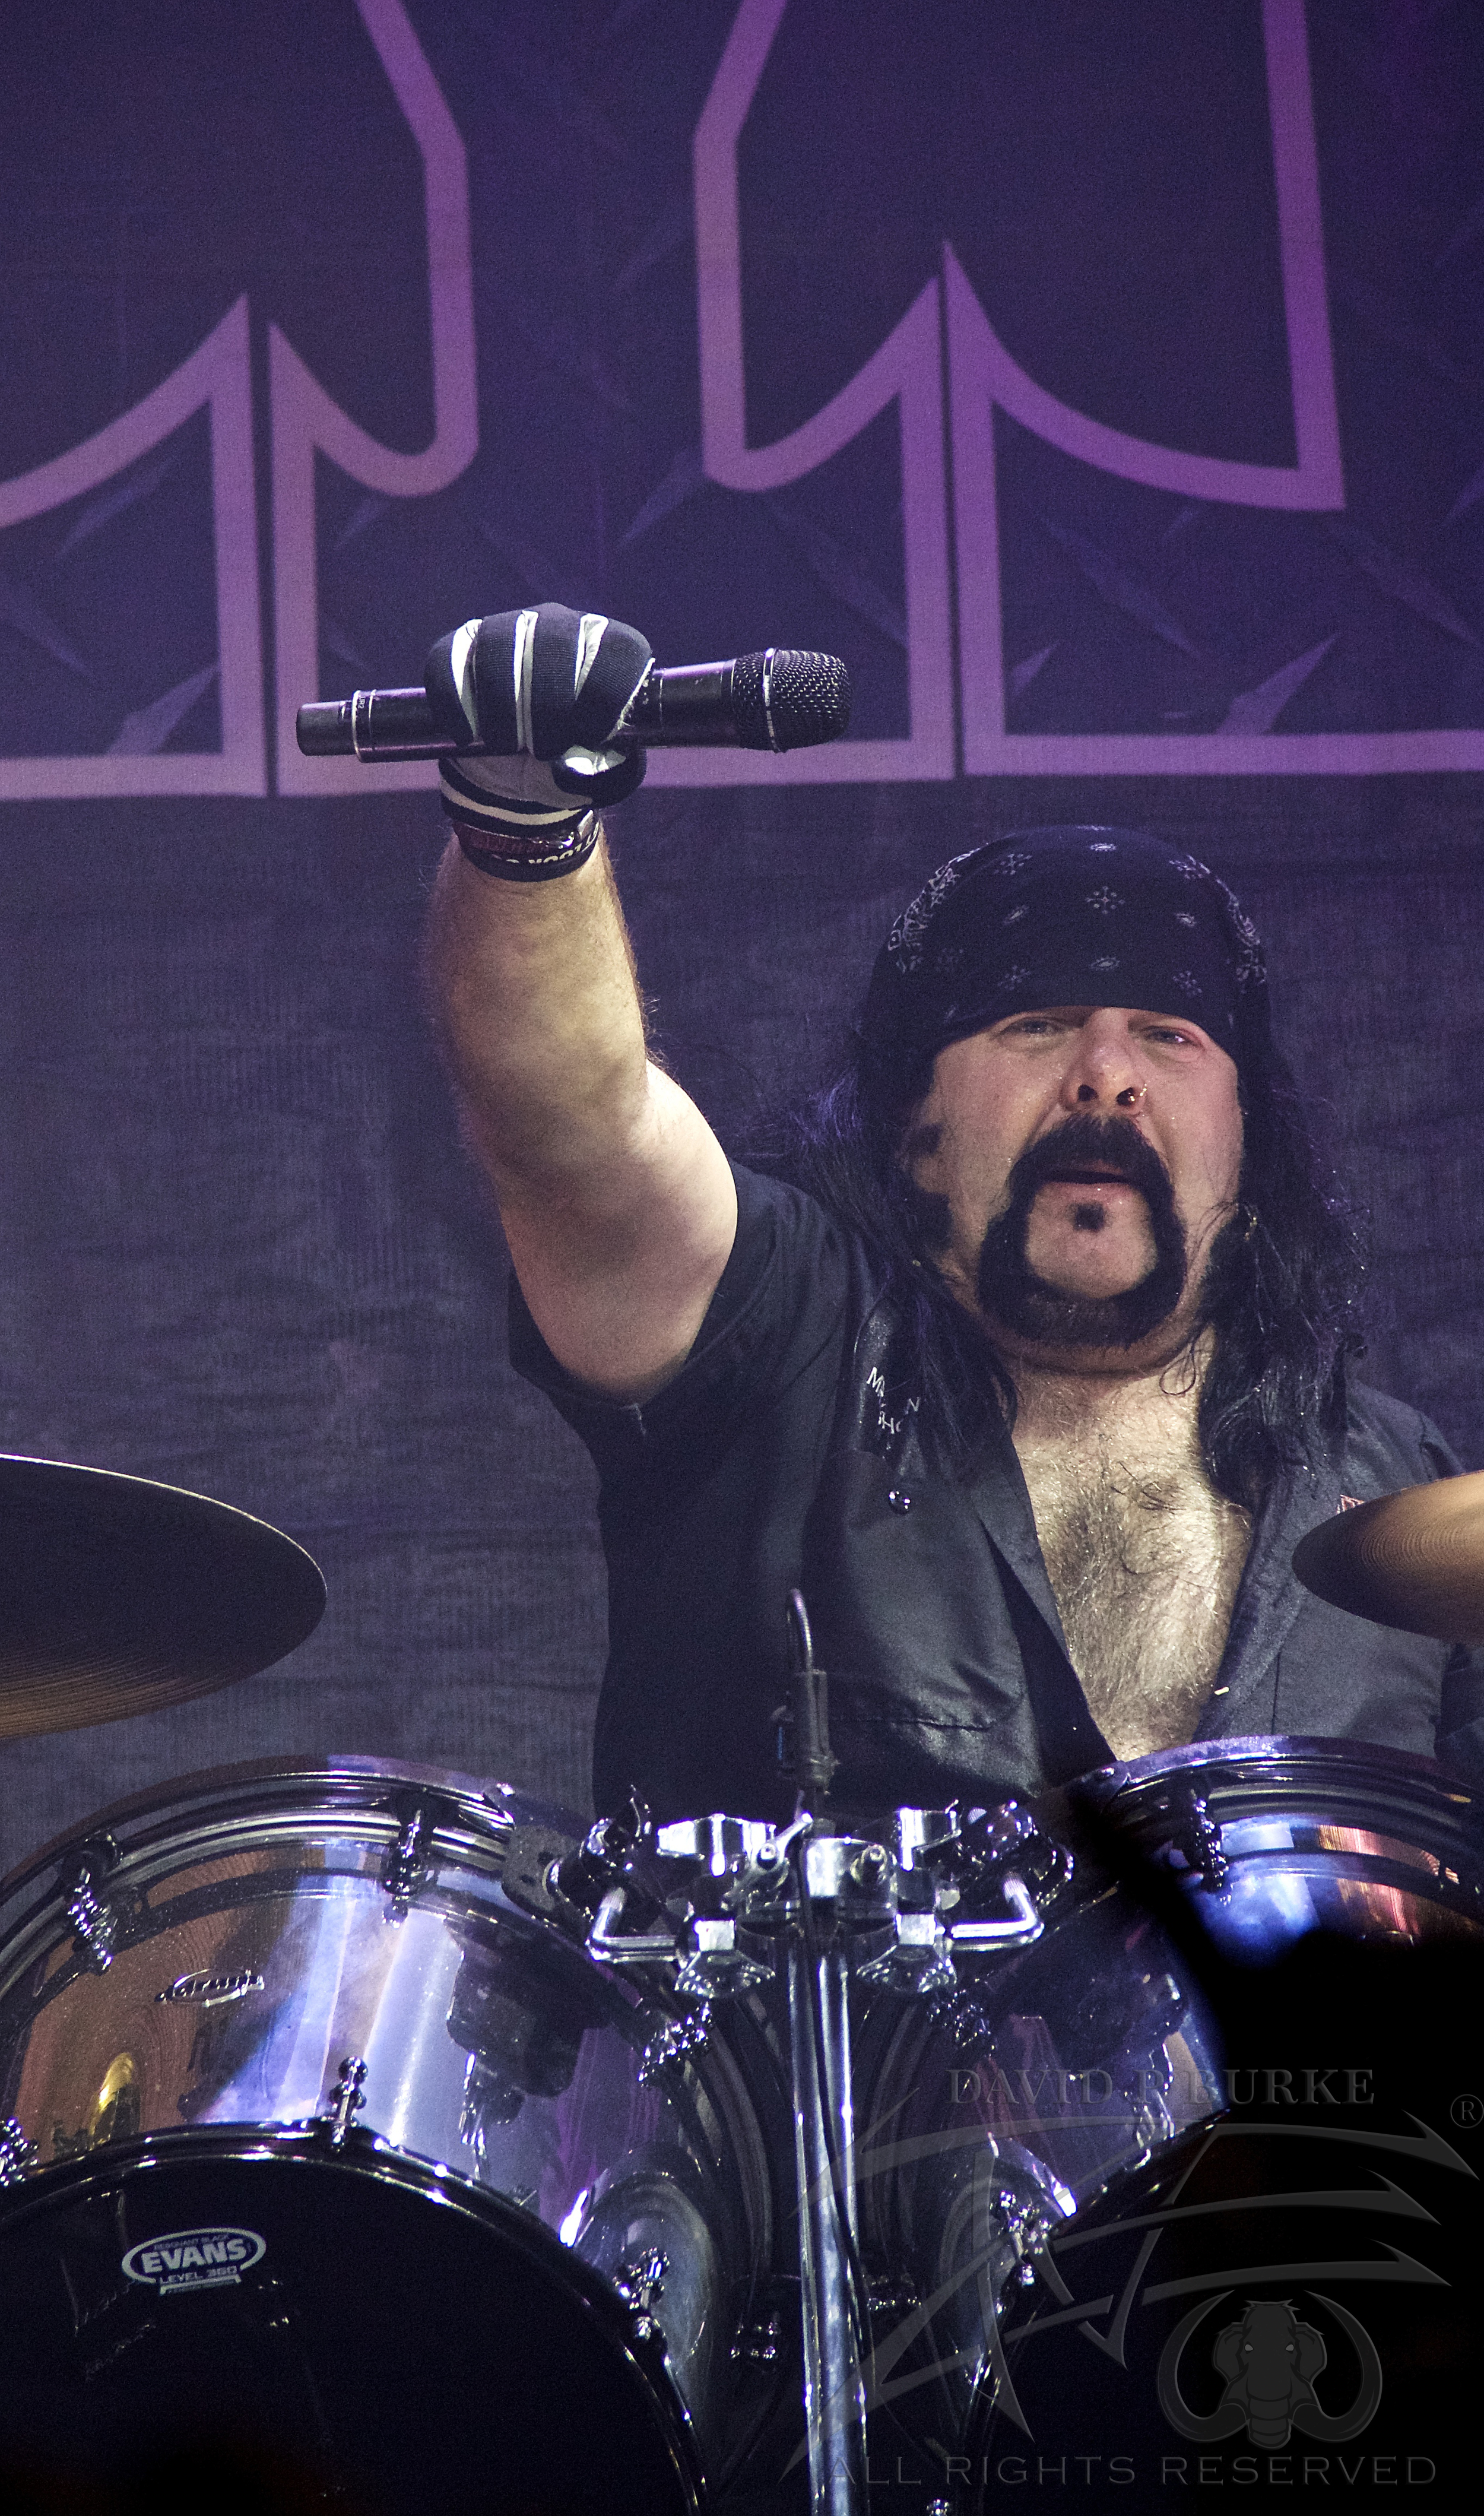 Hellyeah drummer Vinnie Paul  photo: David Burke